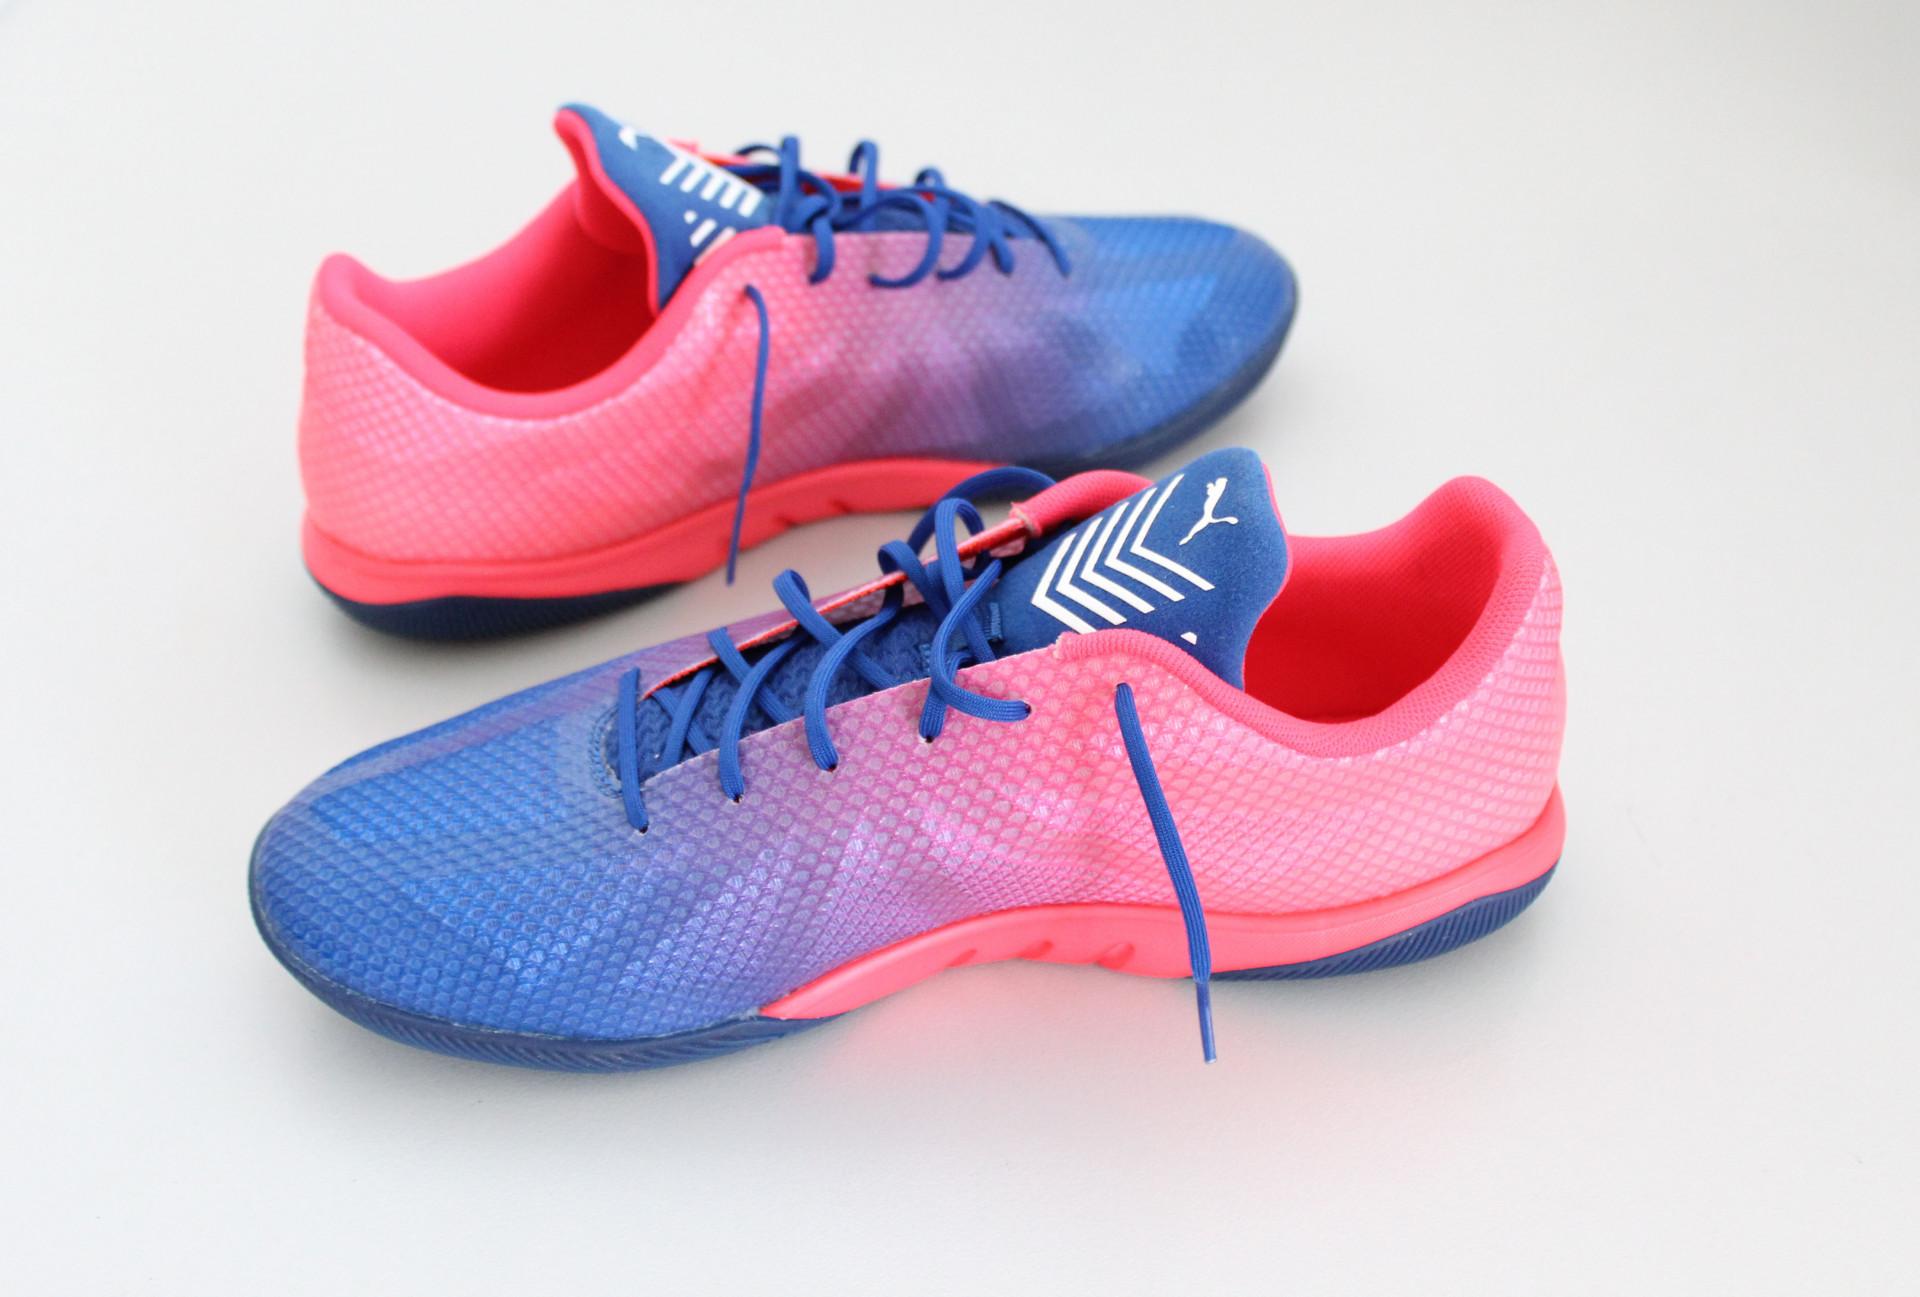 Puma Pánská sálová obuv Puma 365 Ignite ST| bright plasma - puma white-true blue | velikost 42 (US 9 / UK 8)